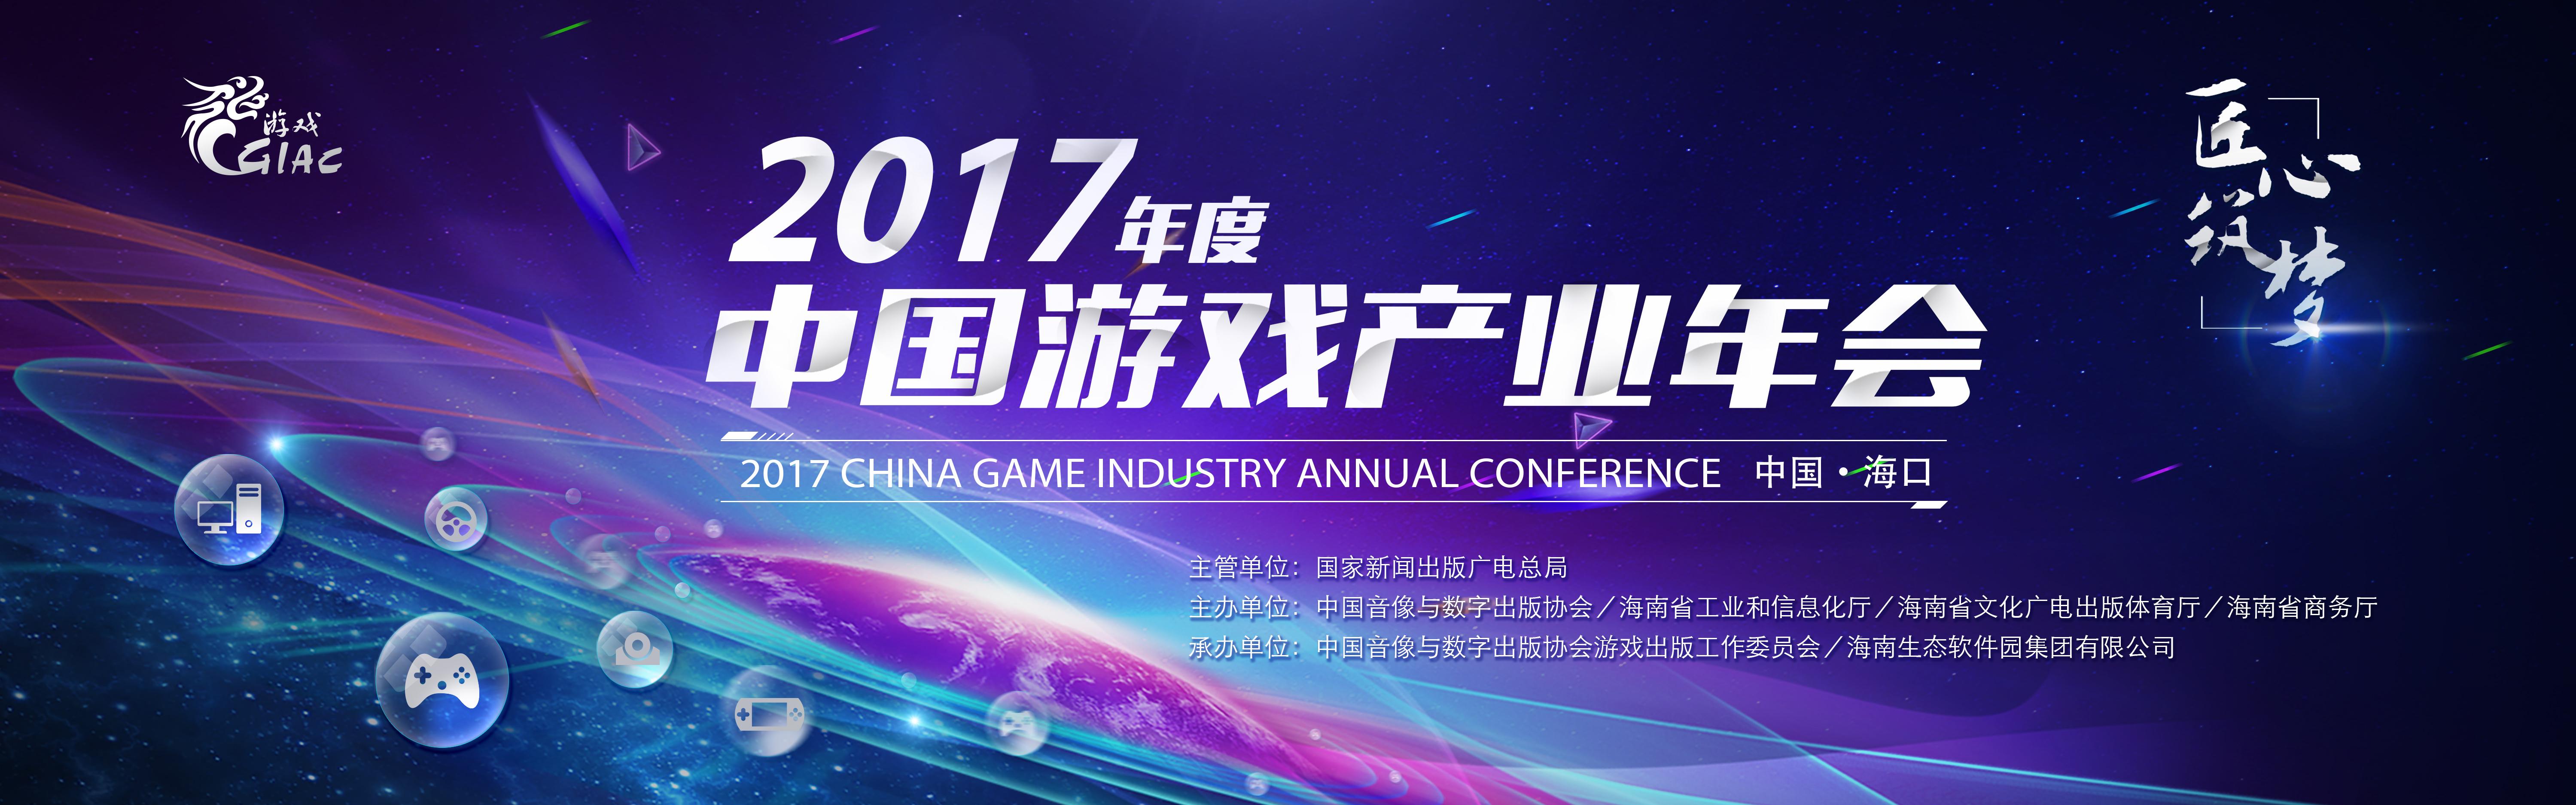 游久游戏成为2017年度中国游戏产业年会顶级赞助商